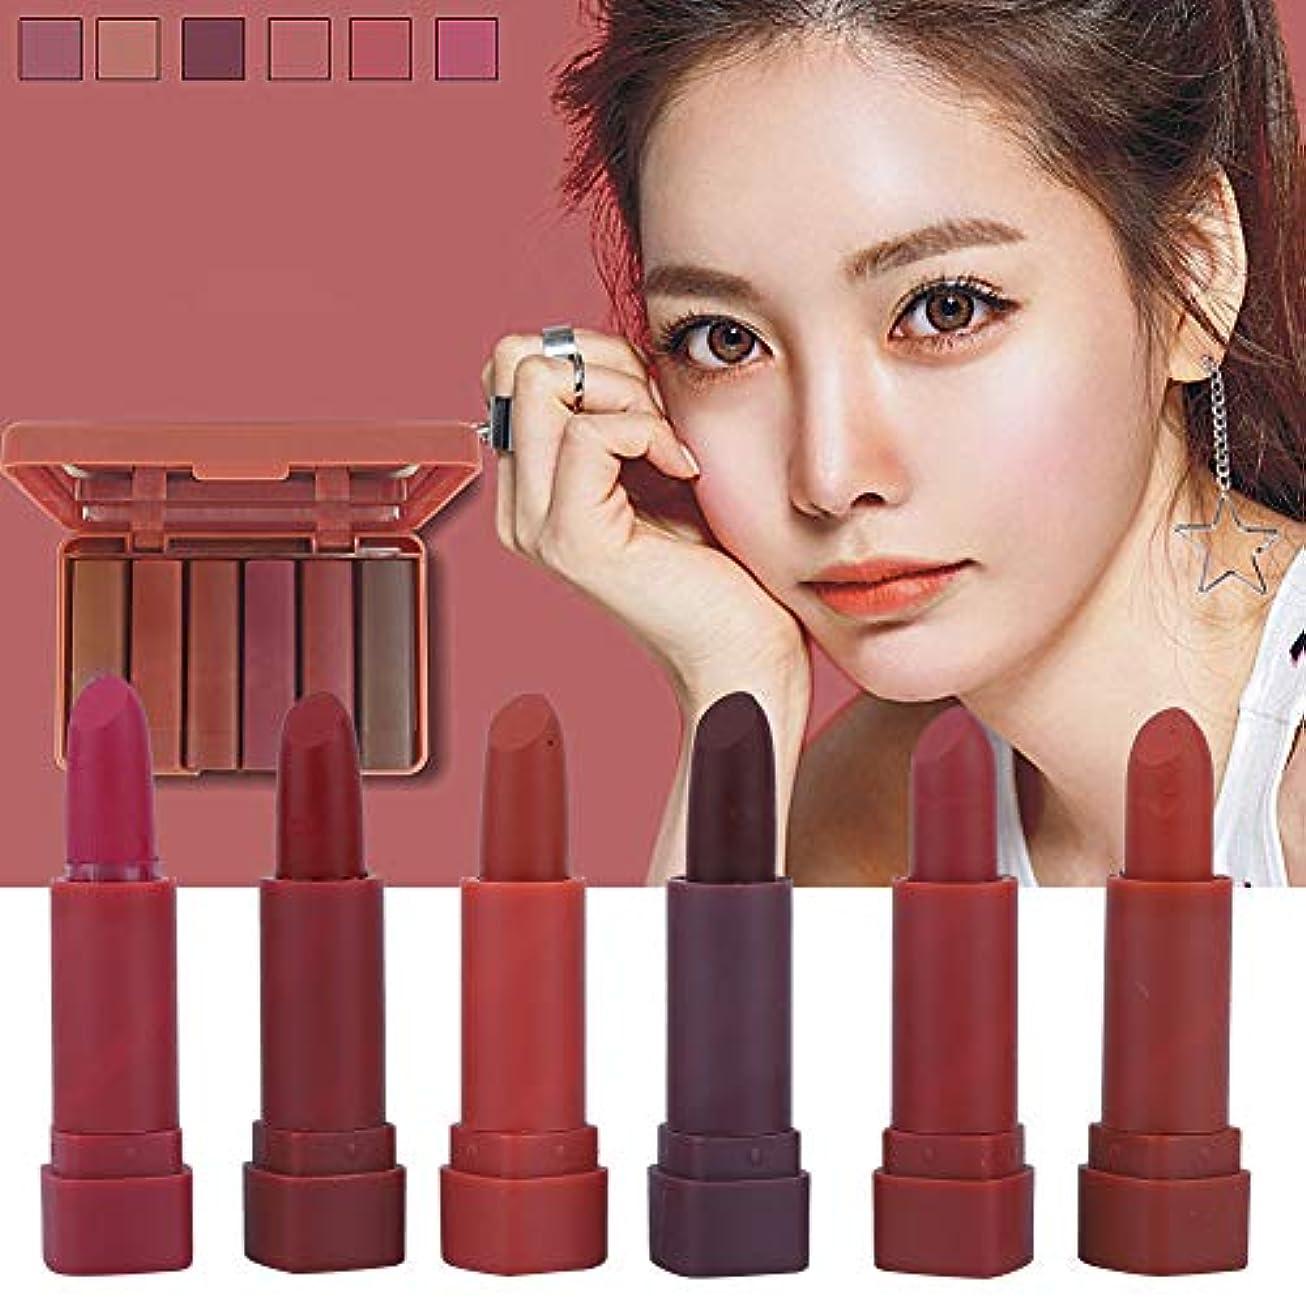 舗装アルバニーヒョウ6色/セット リップスティック長続きがする自然なローズの香りの唇の化粧品